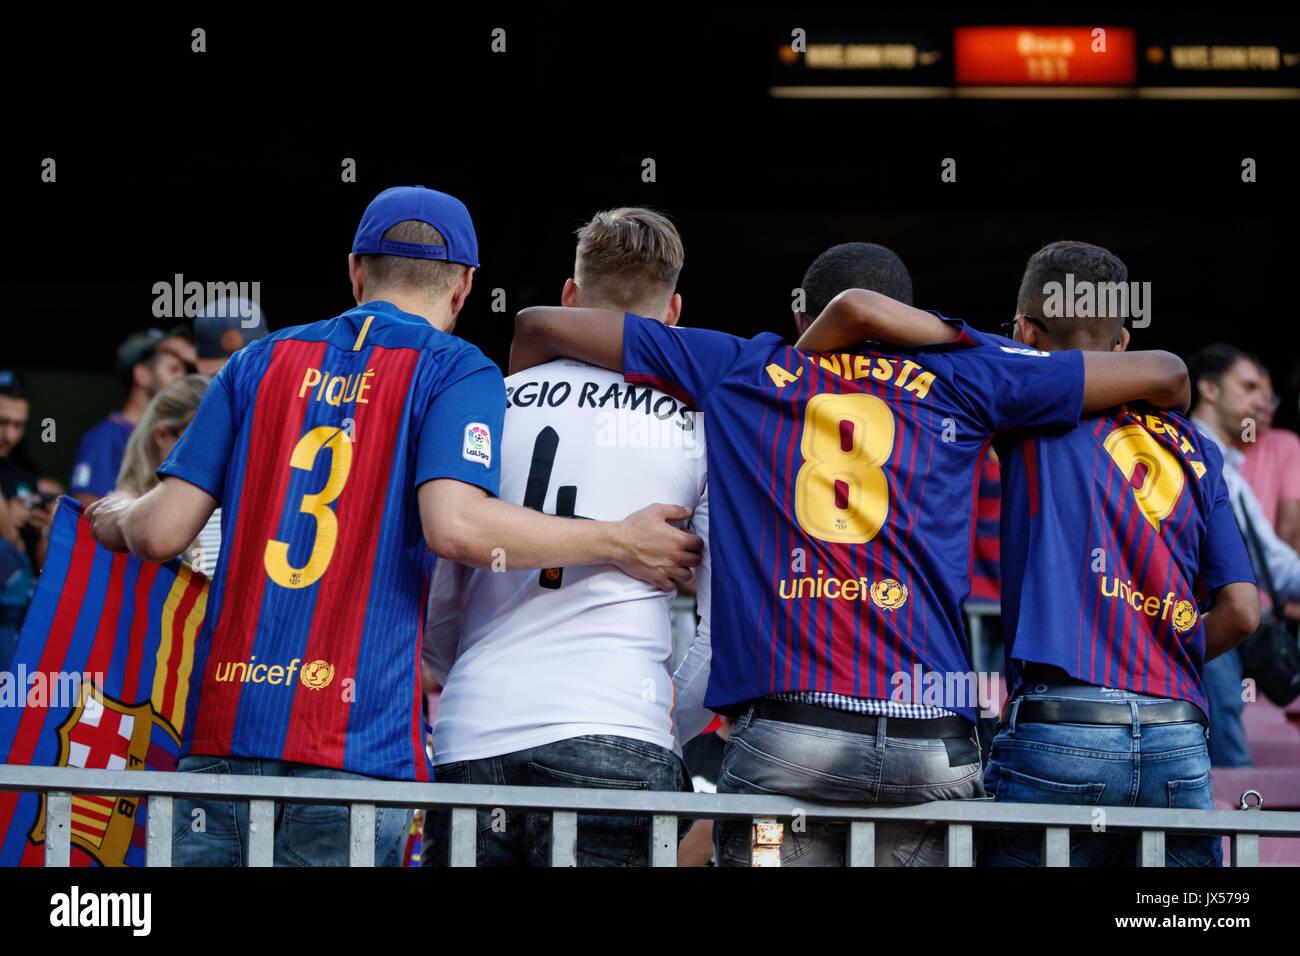 Camp Nou, Barcelona, Espagne. 13 août, 2017. Super Coupe d'Espagne entre le FC Barcelone et le Real Madrid. Photo Stock